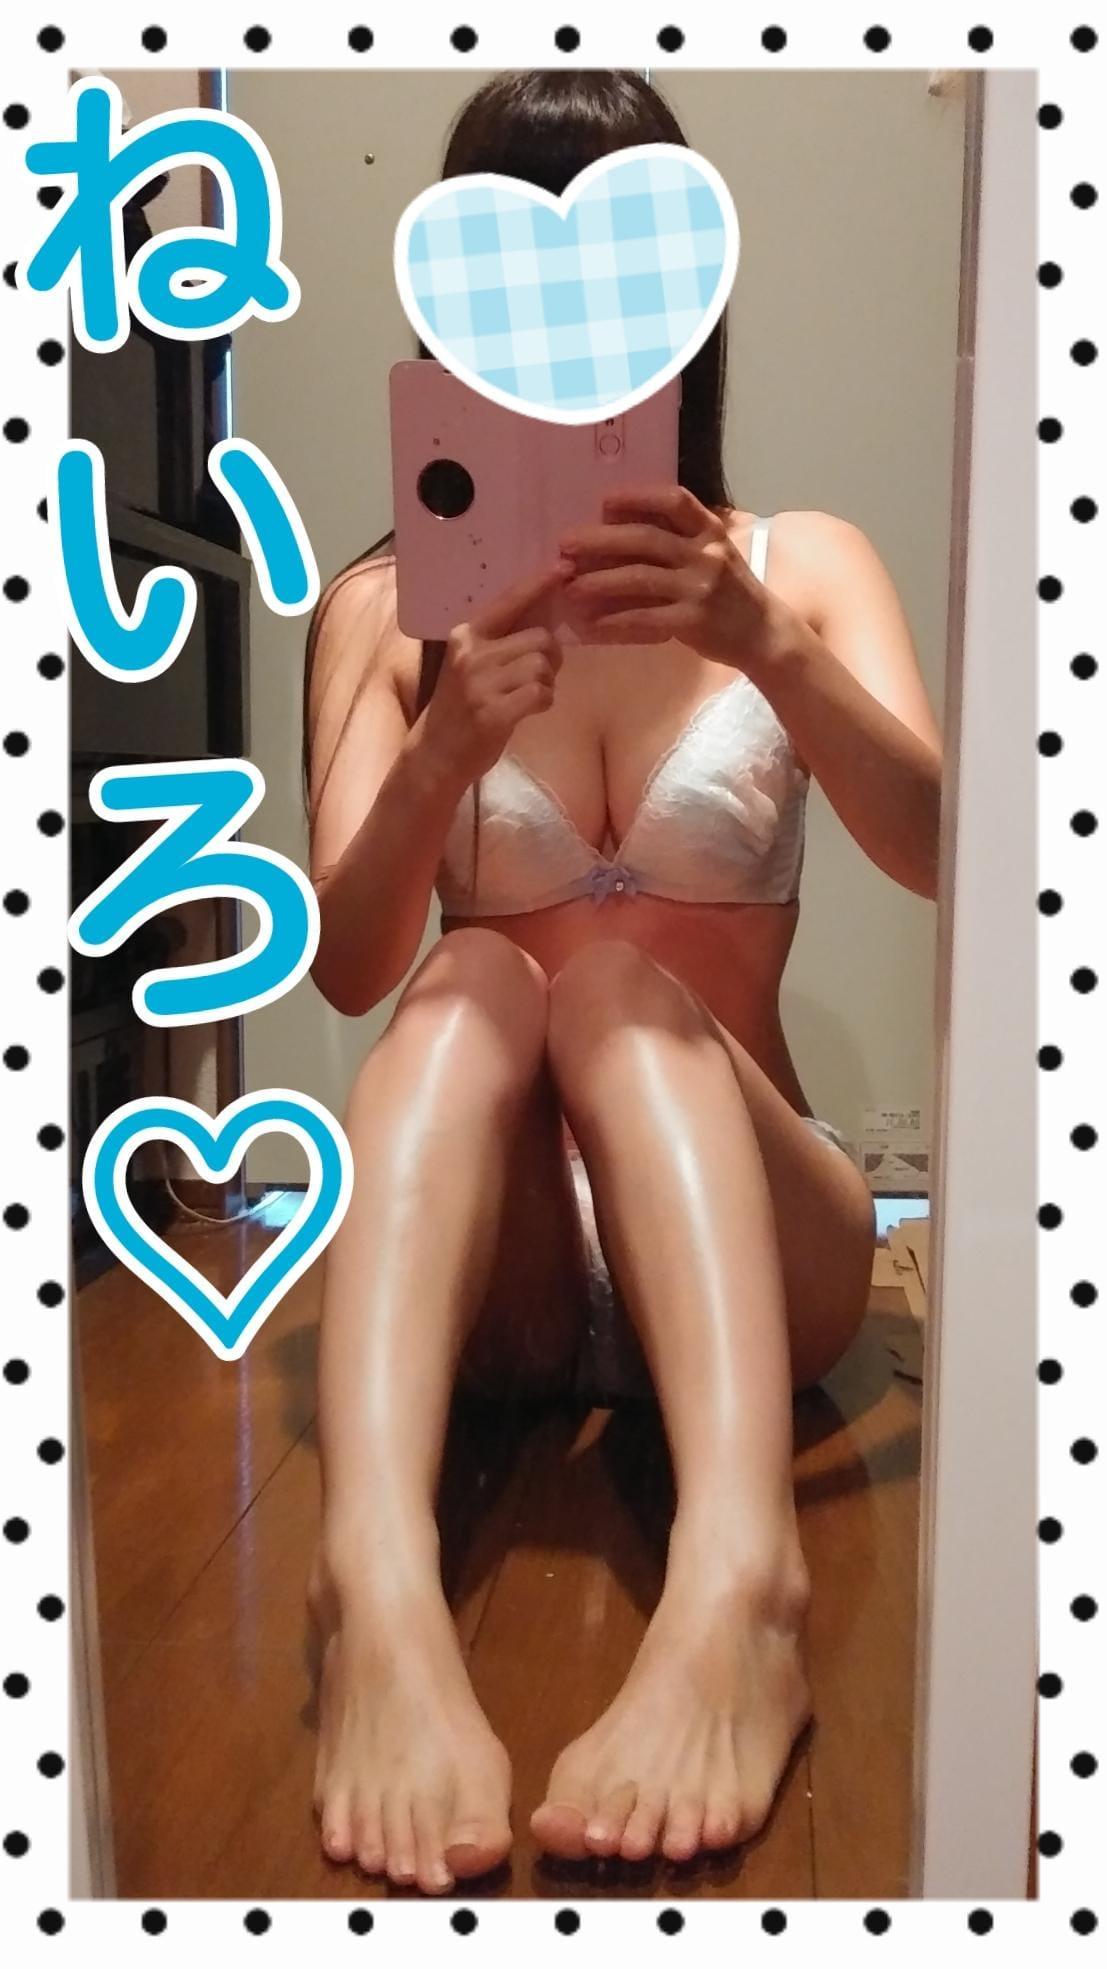 「ねいろ」02/06(02/06) 13:07   ねいろの写メ・風俗動画